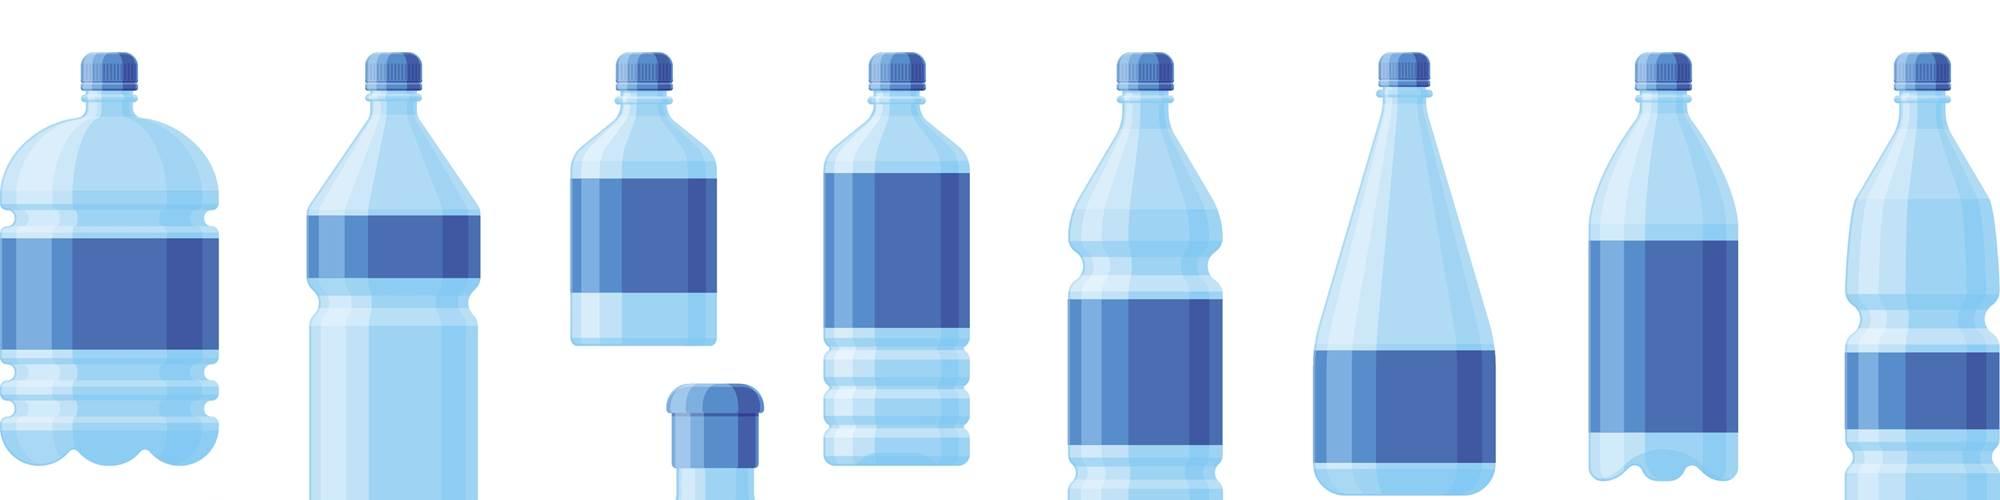 La APR ha creado guías de diseño para botellas y envases rígidos que no son botellas, y otras específicas para termoformados.